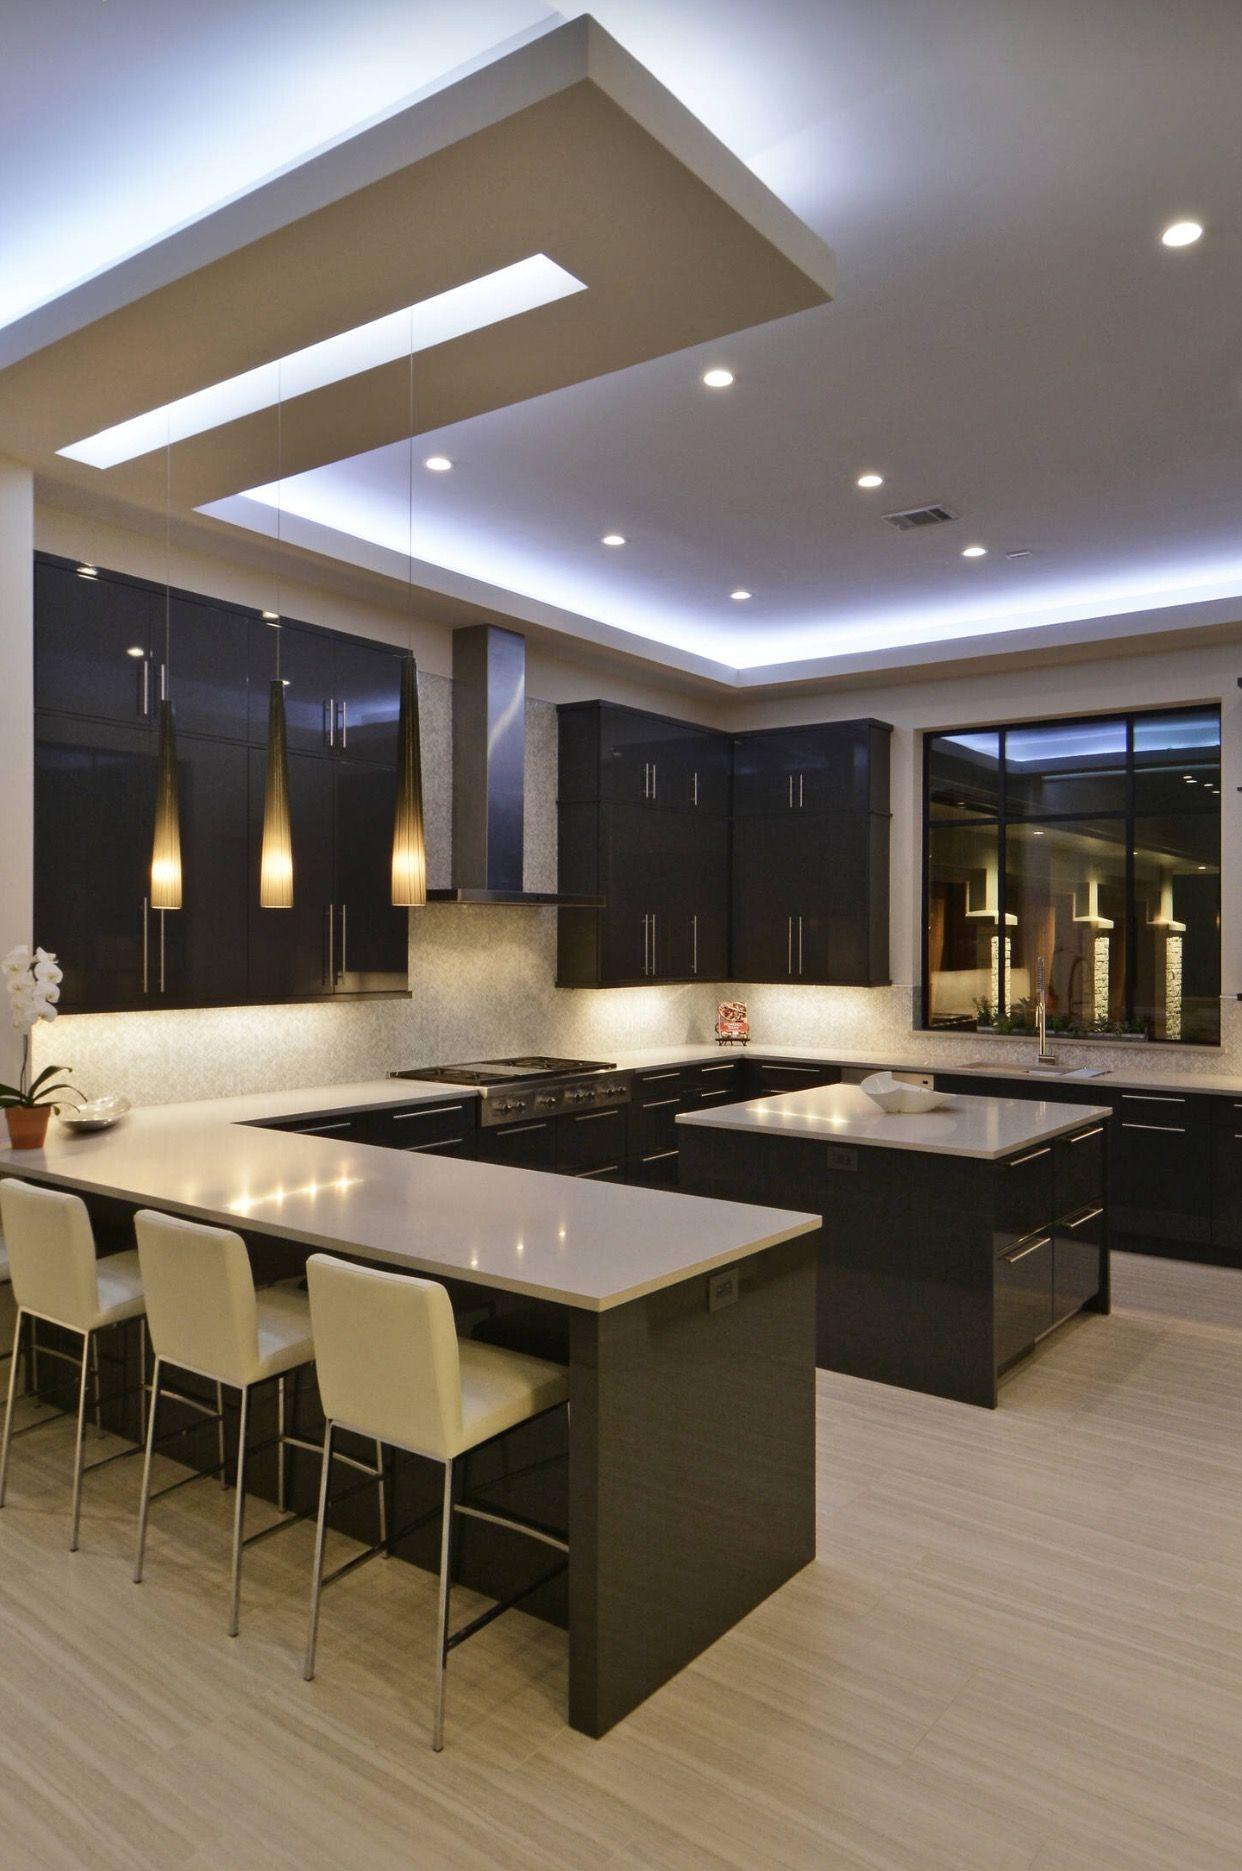 Küchenbilder, Schwarze Küchen, Moderne Küchen, Kücheneinrichtung, Moderne  Inneneinrichtung, Küchen Design, Ideen Für Die Küche, Offene Küche, Küche  Und ...